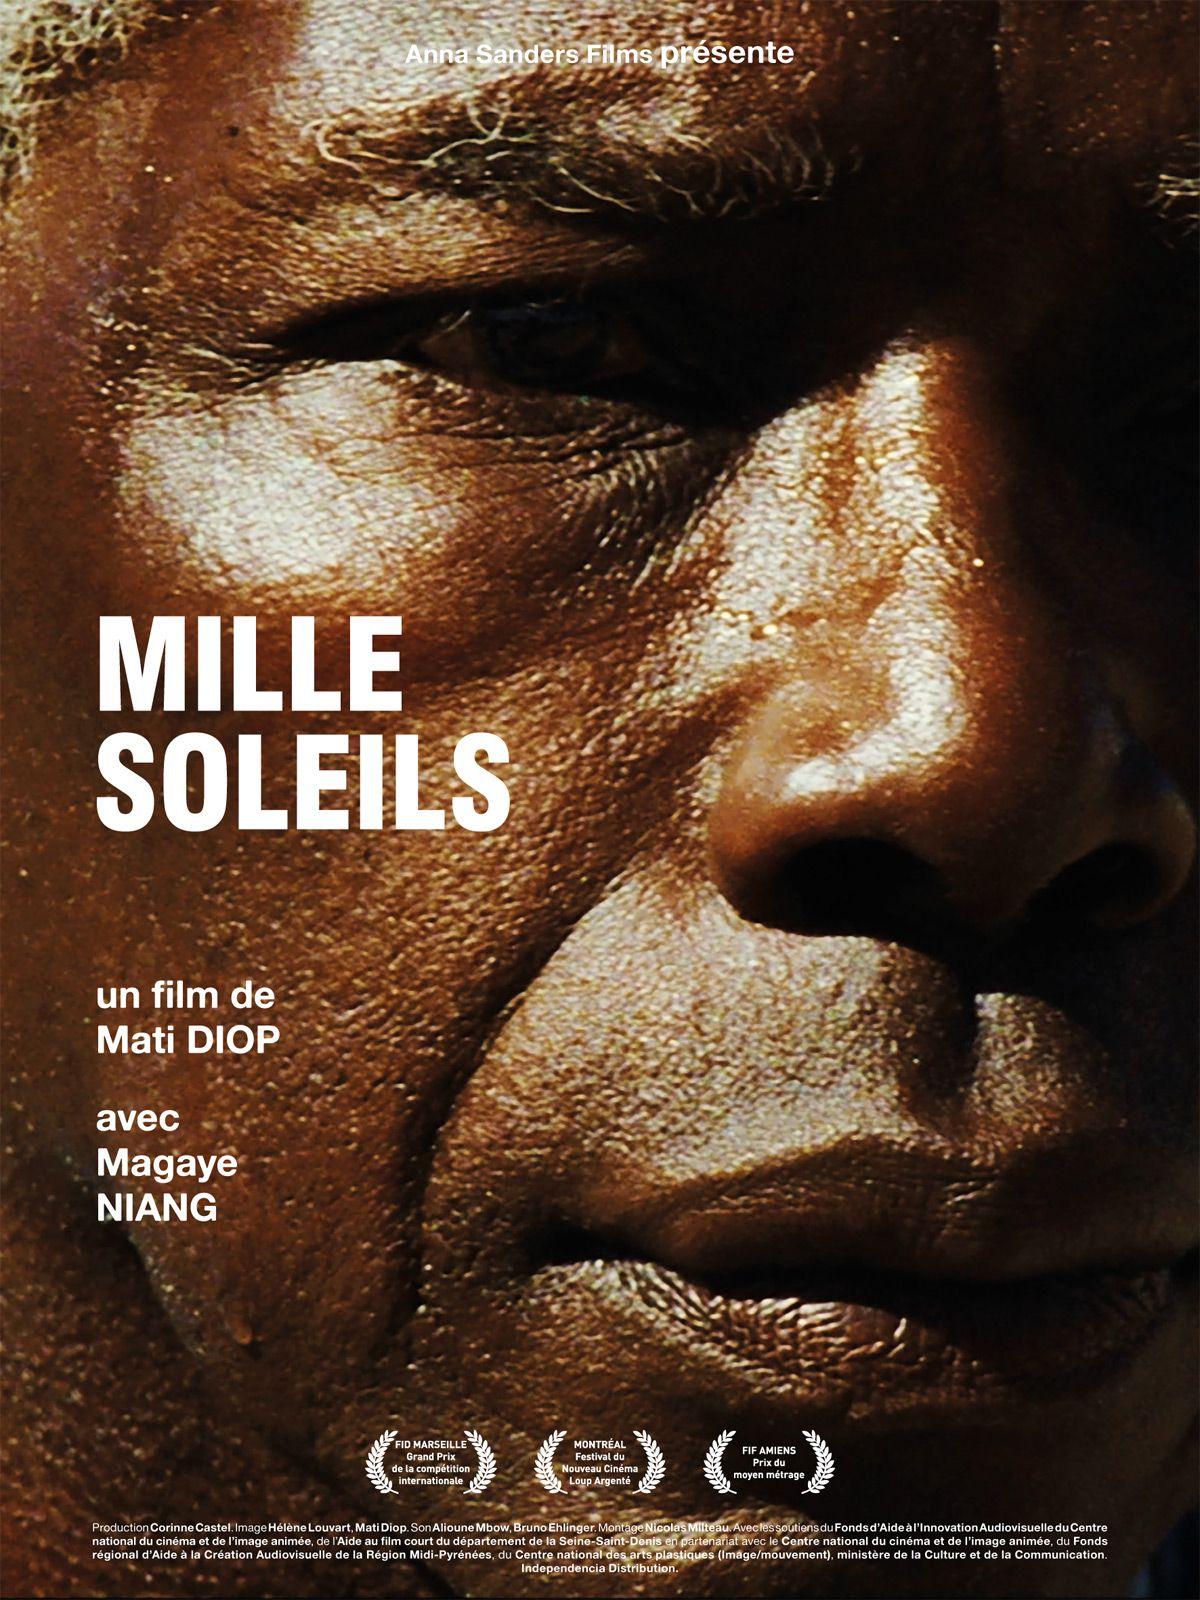 Mille soleils - Documentaire (2014)